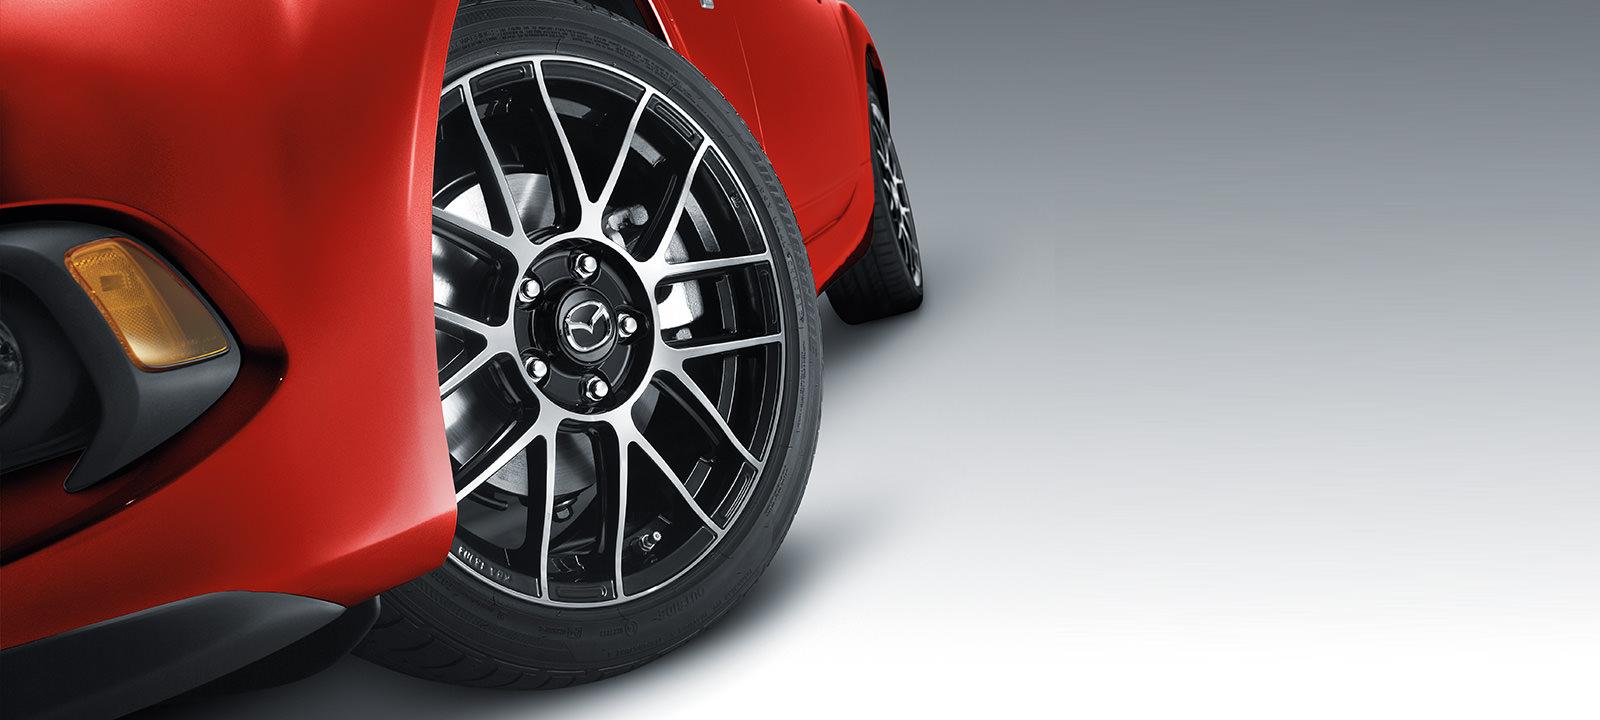 New  Mazda Mx 5 Miata inventory at Quirk Mazda